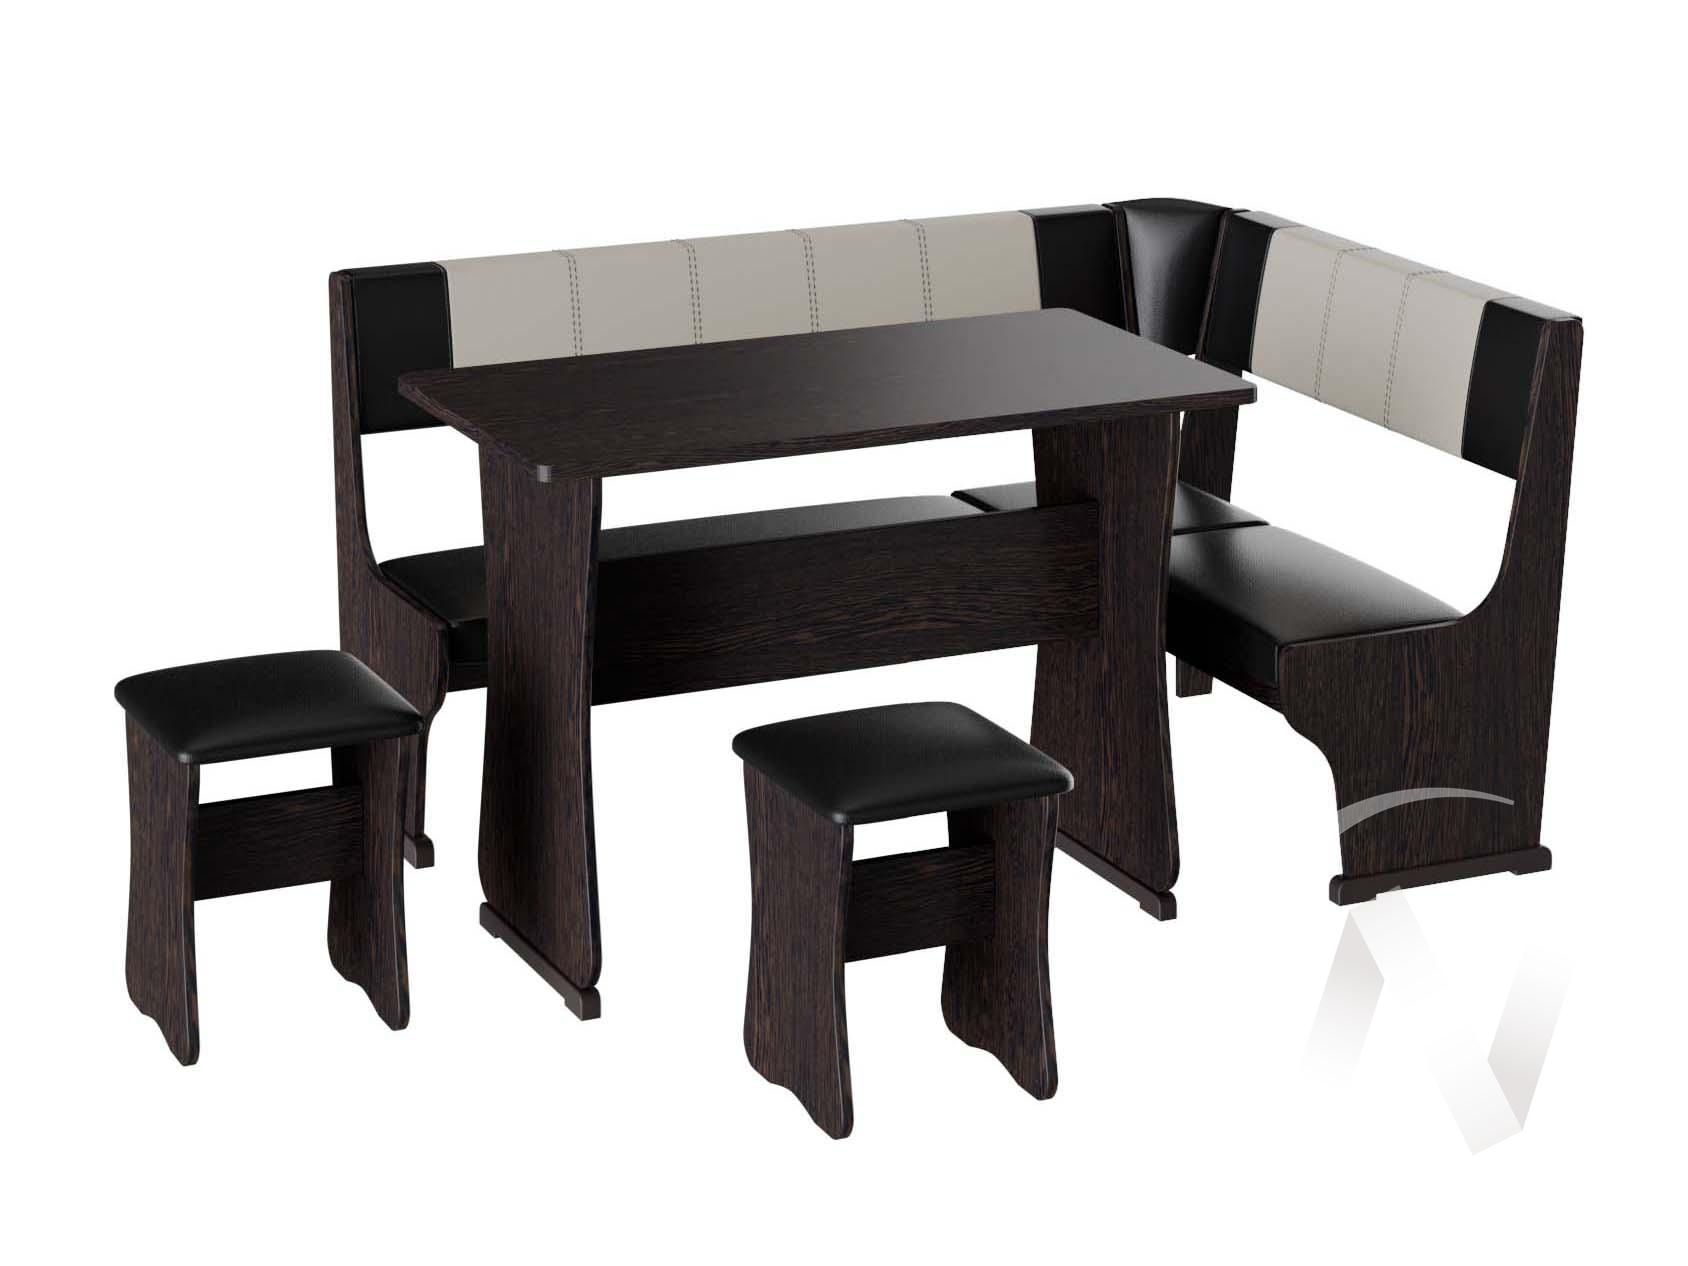 Кухонный уголок Гамма тип 1 кожзам (венге/шоколад,бежевый)  в Томске — интернет магазин МИРА-мебель